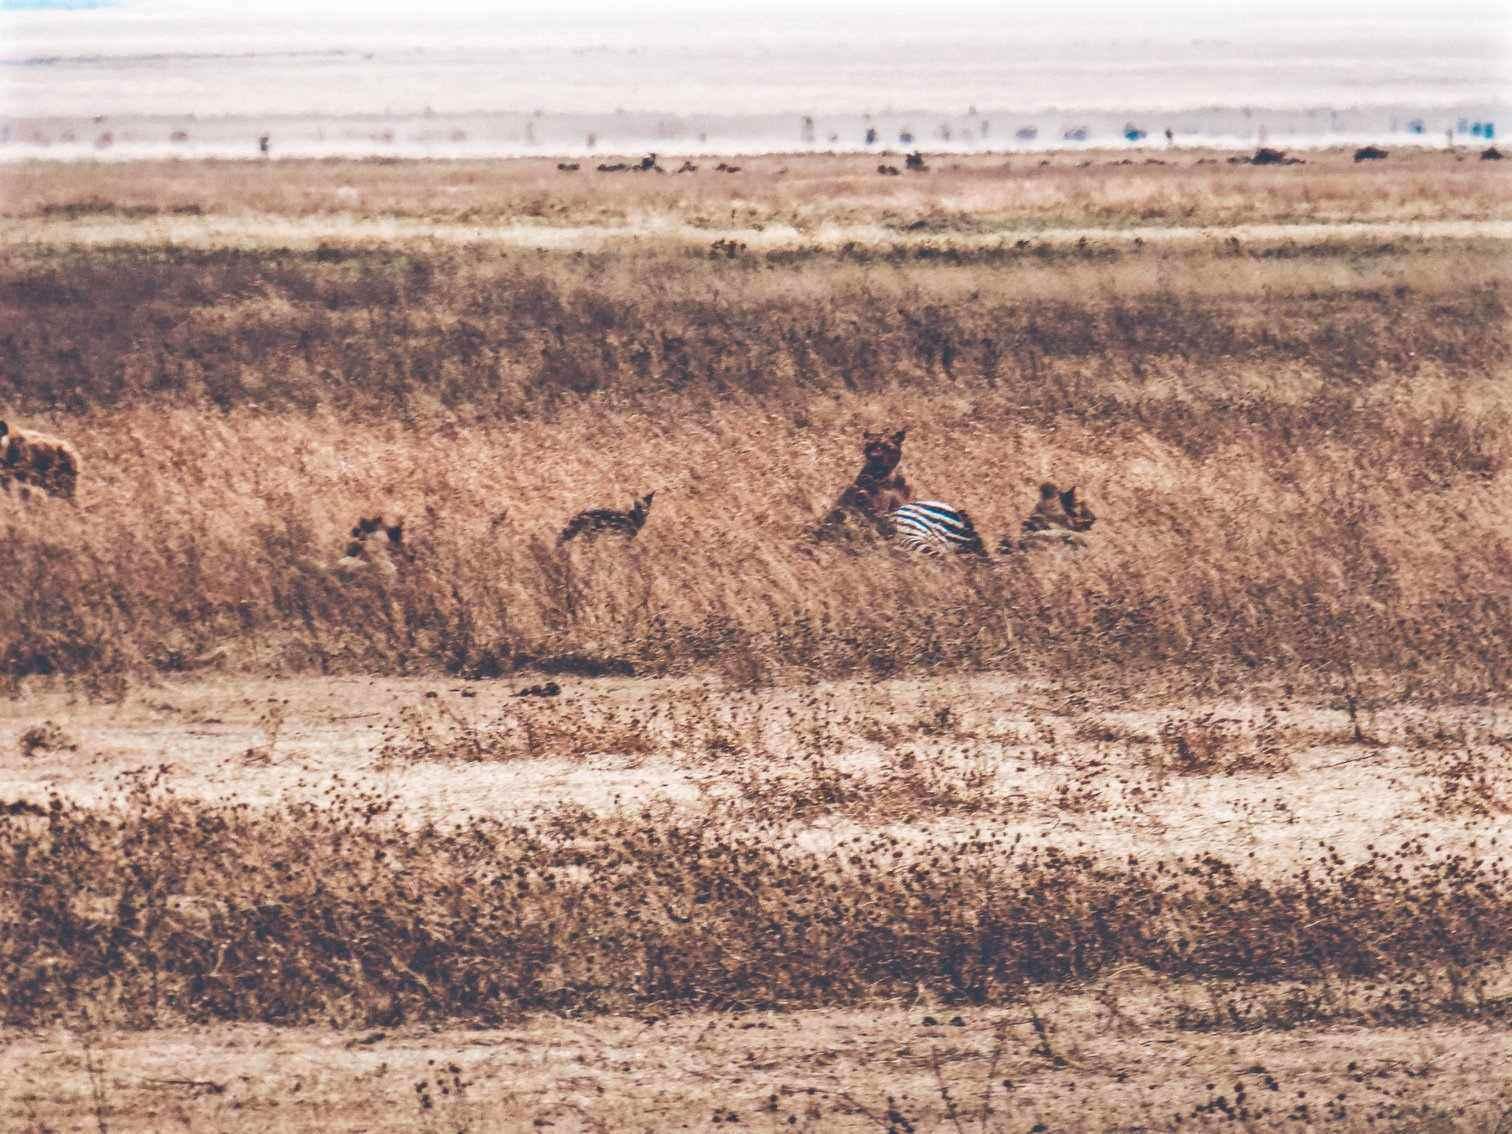 Lion Hunt Ngorongoro